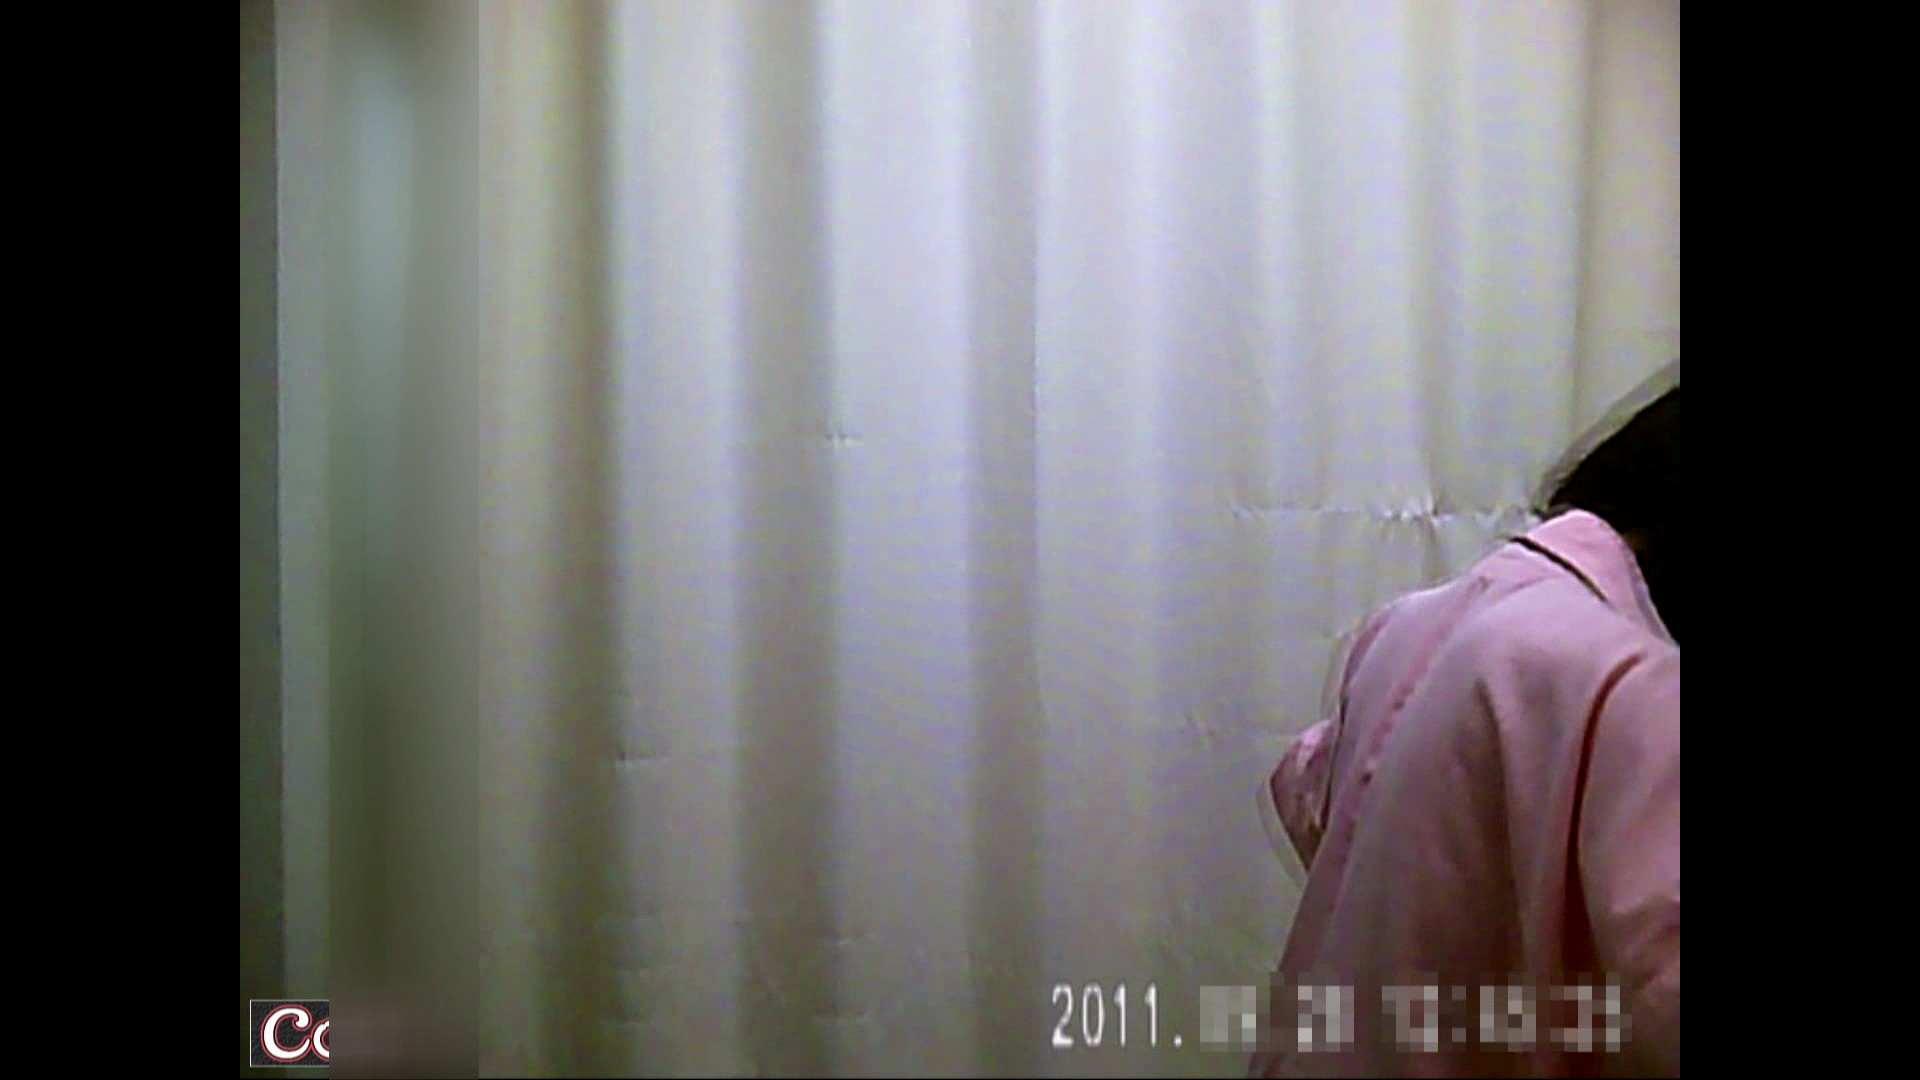 病院おもいっきり着替え! vol.41 OLの実態 盗み撮り動画キャプチャ 104pic 58